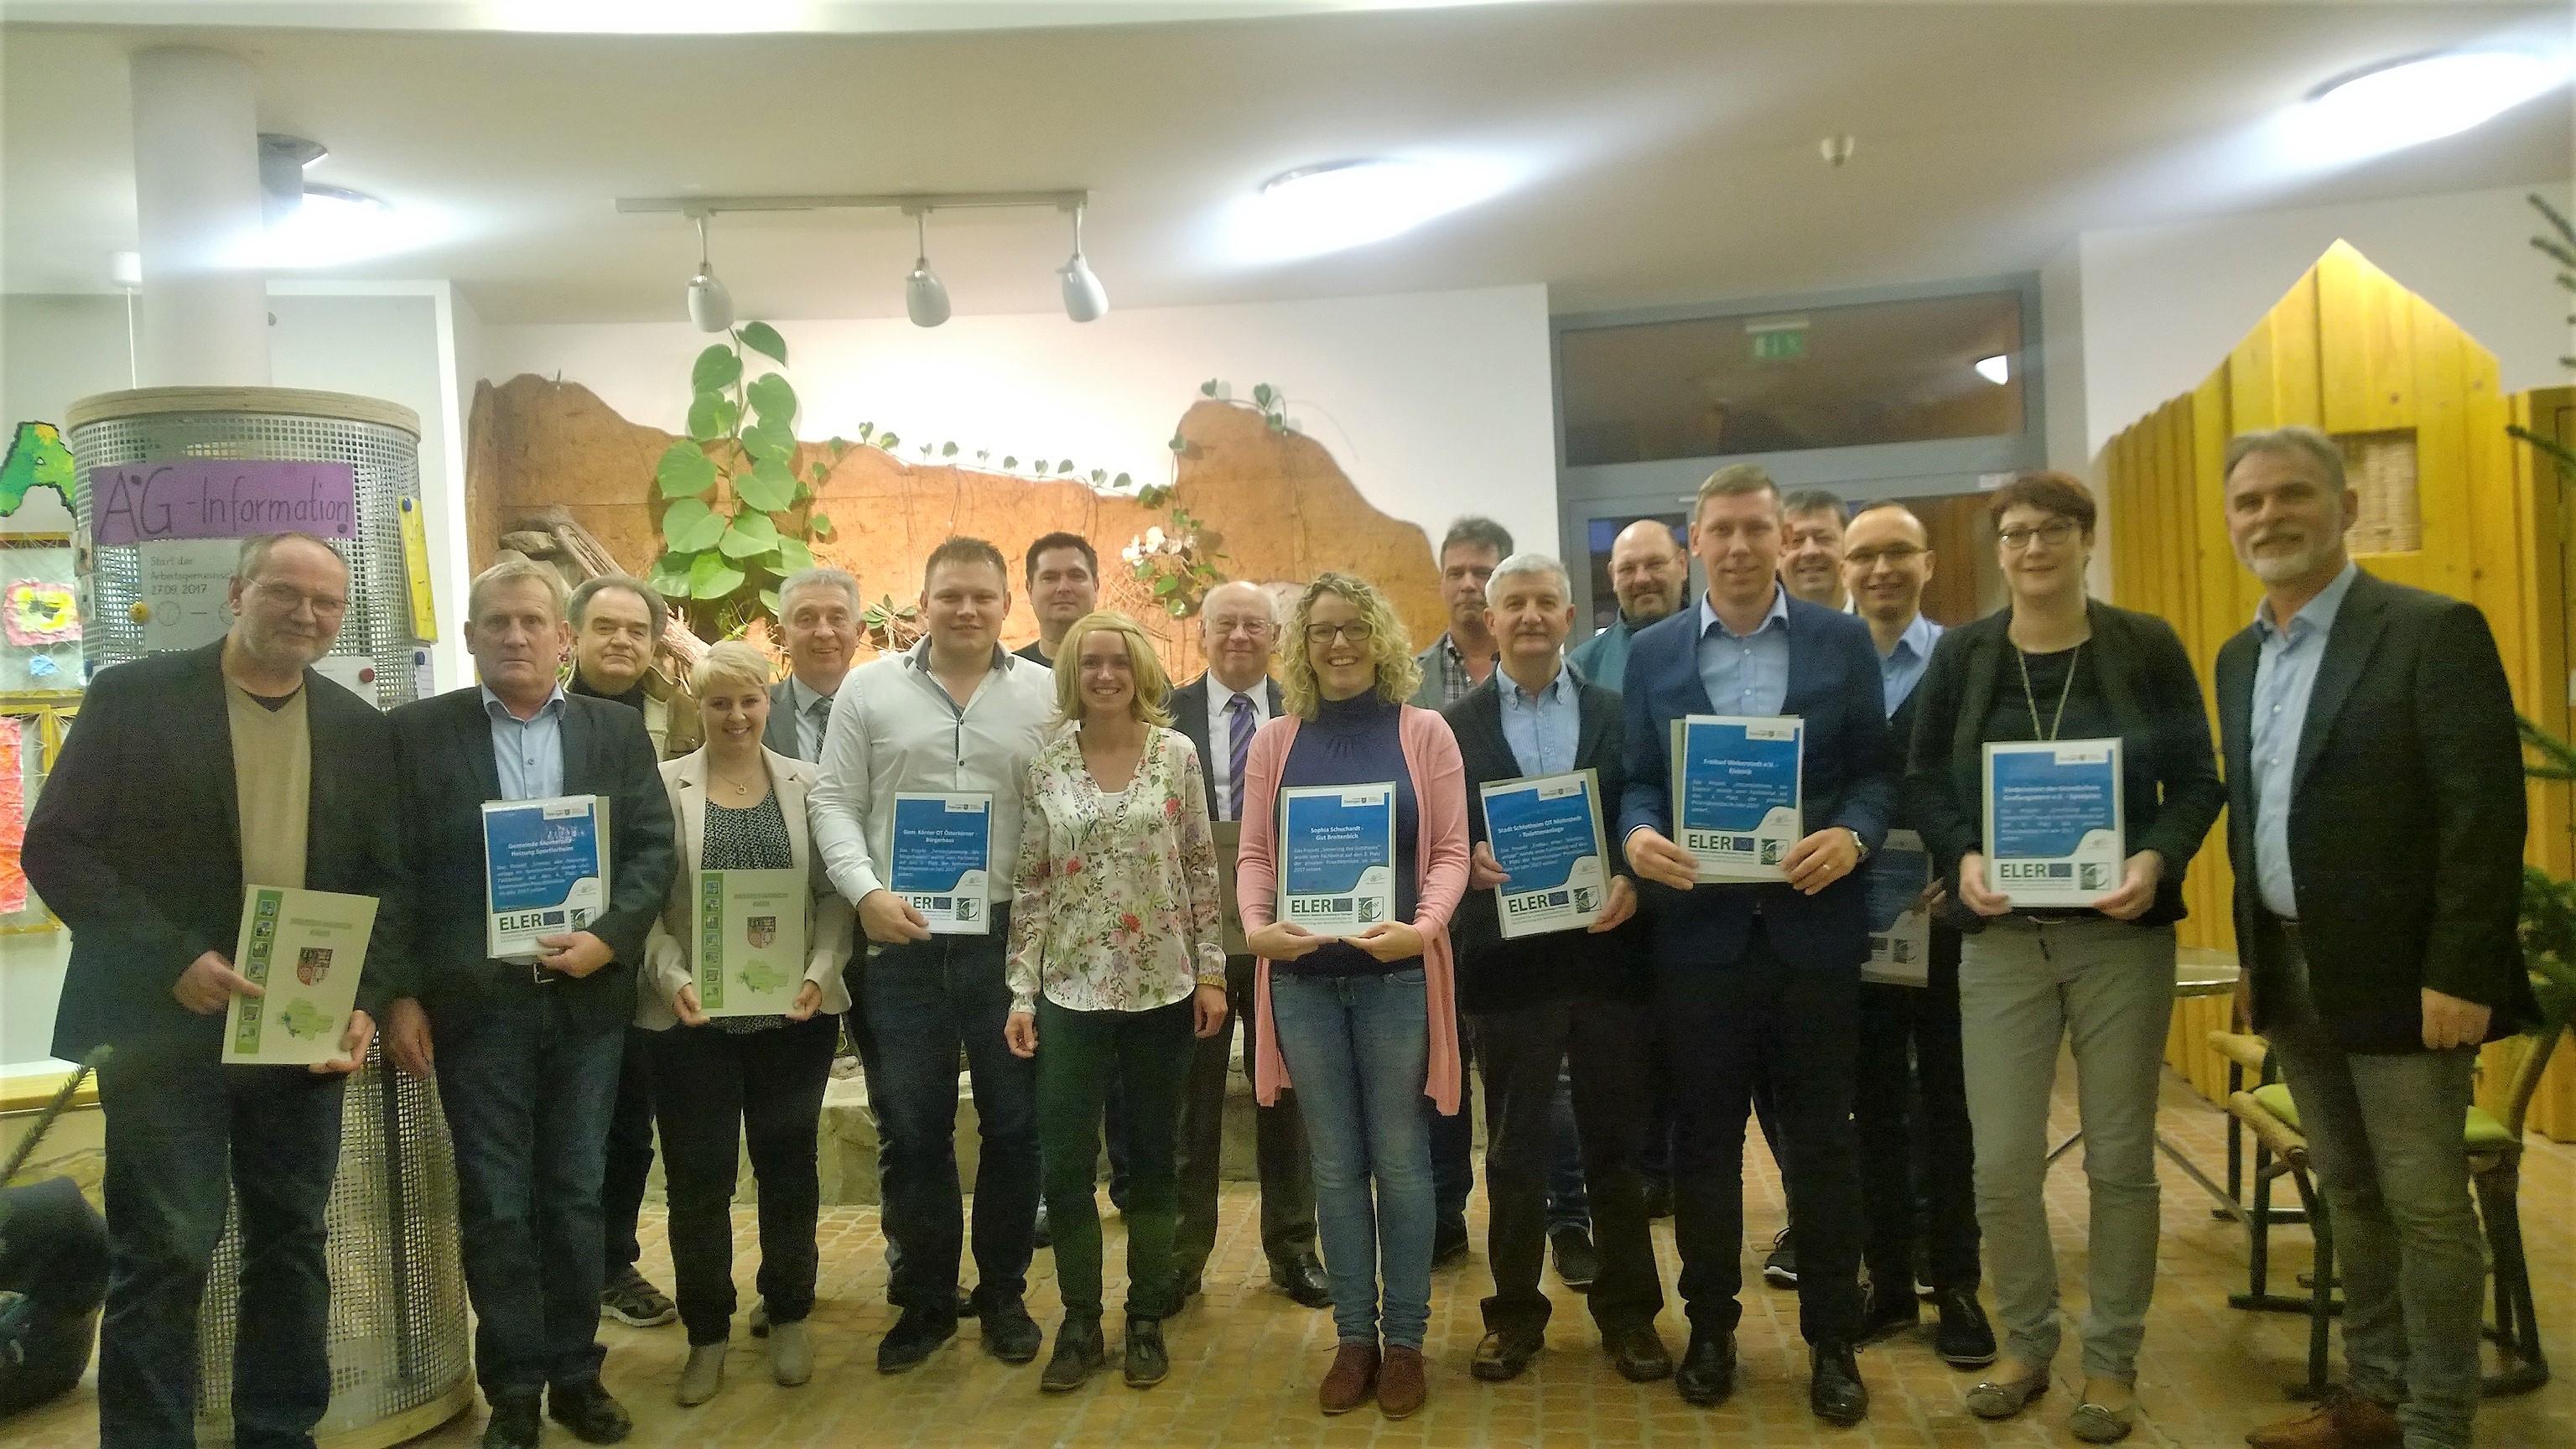 Antragsteller mit Urkunden 2017